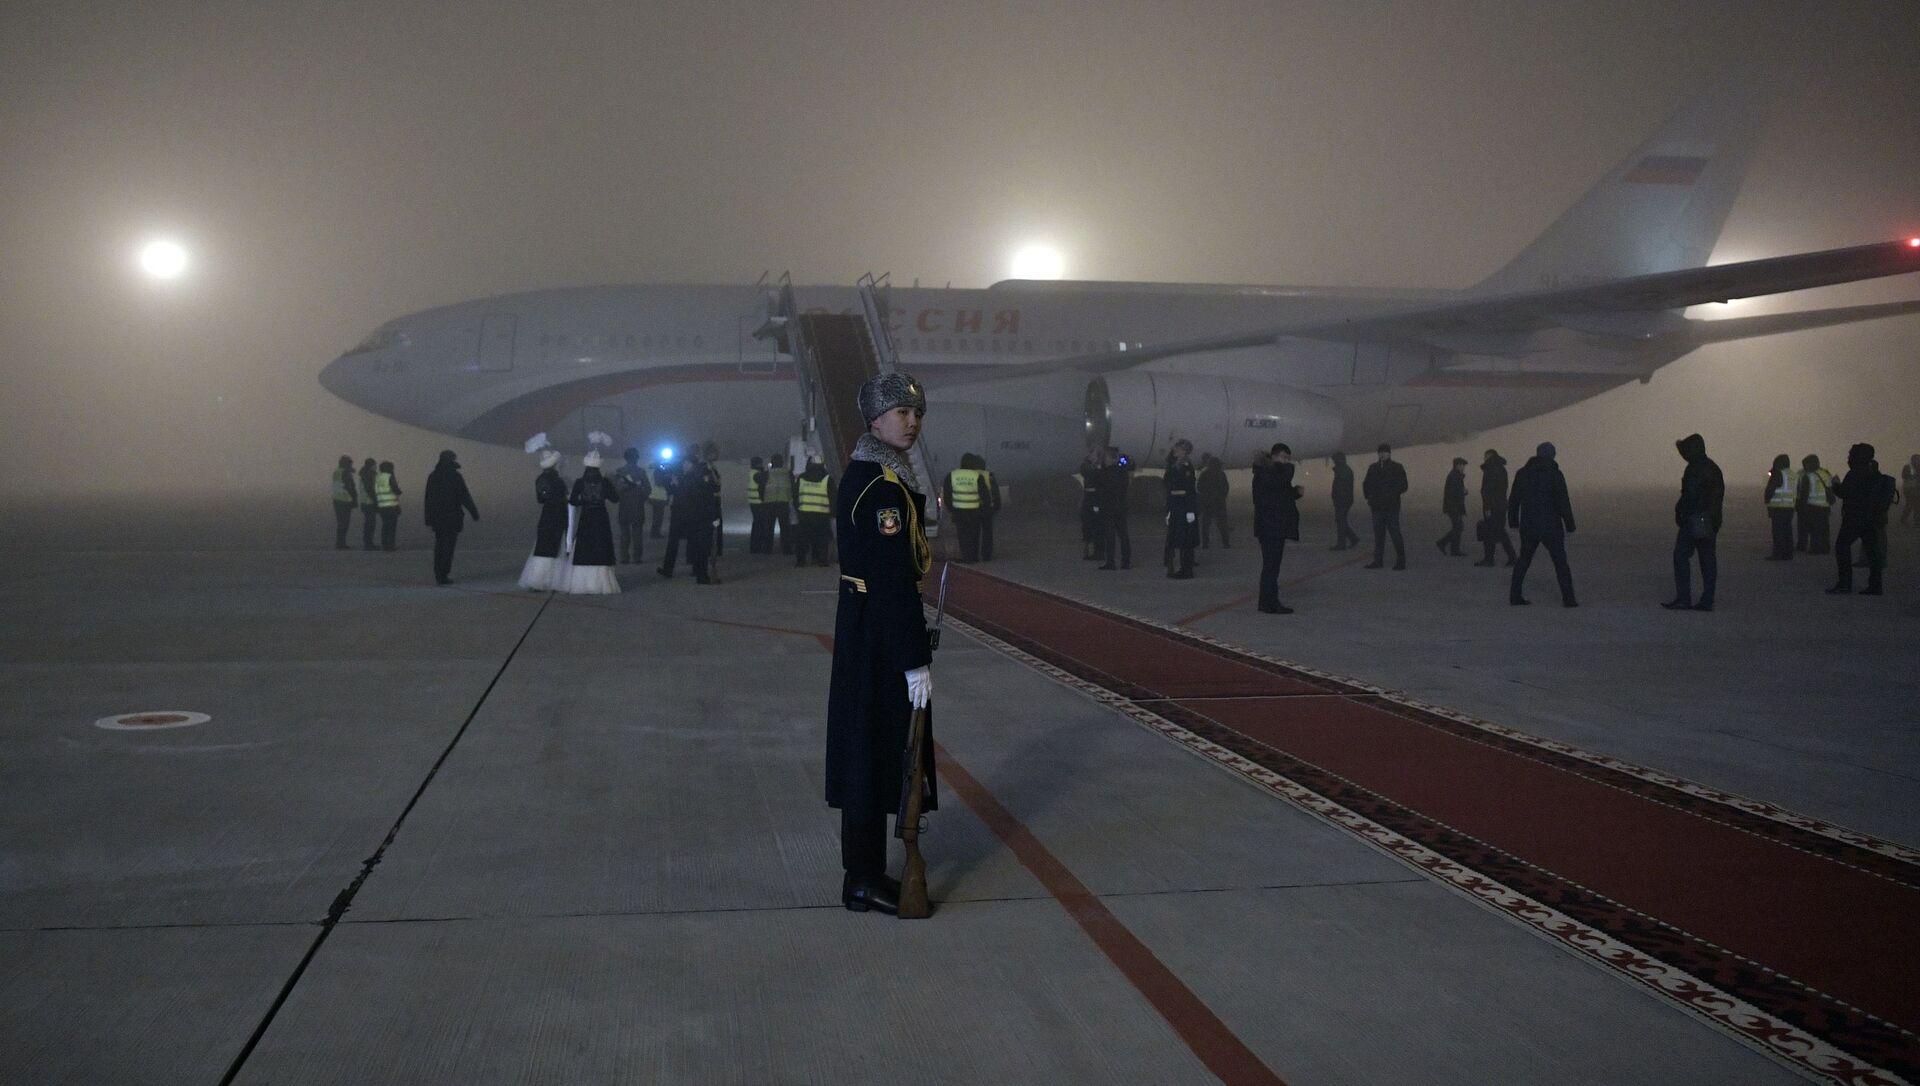 Самолет президента России Владимира Путина в аэропорту Бишкека - Sputnik Italia, 1920, 14.04.2021